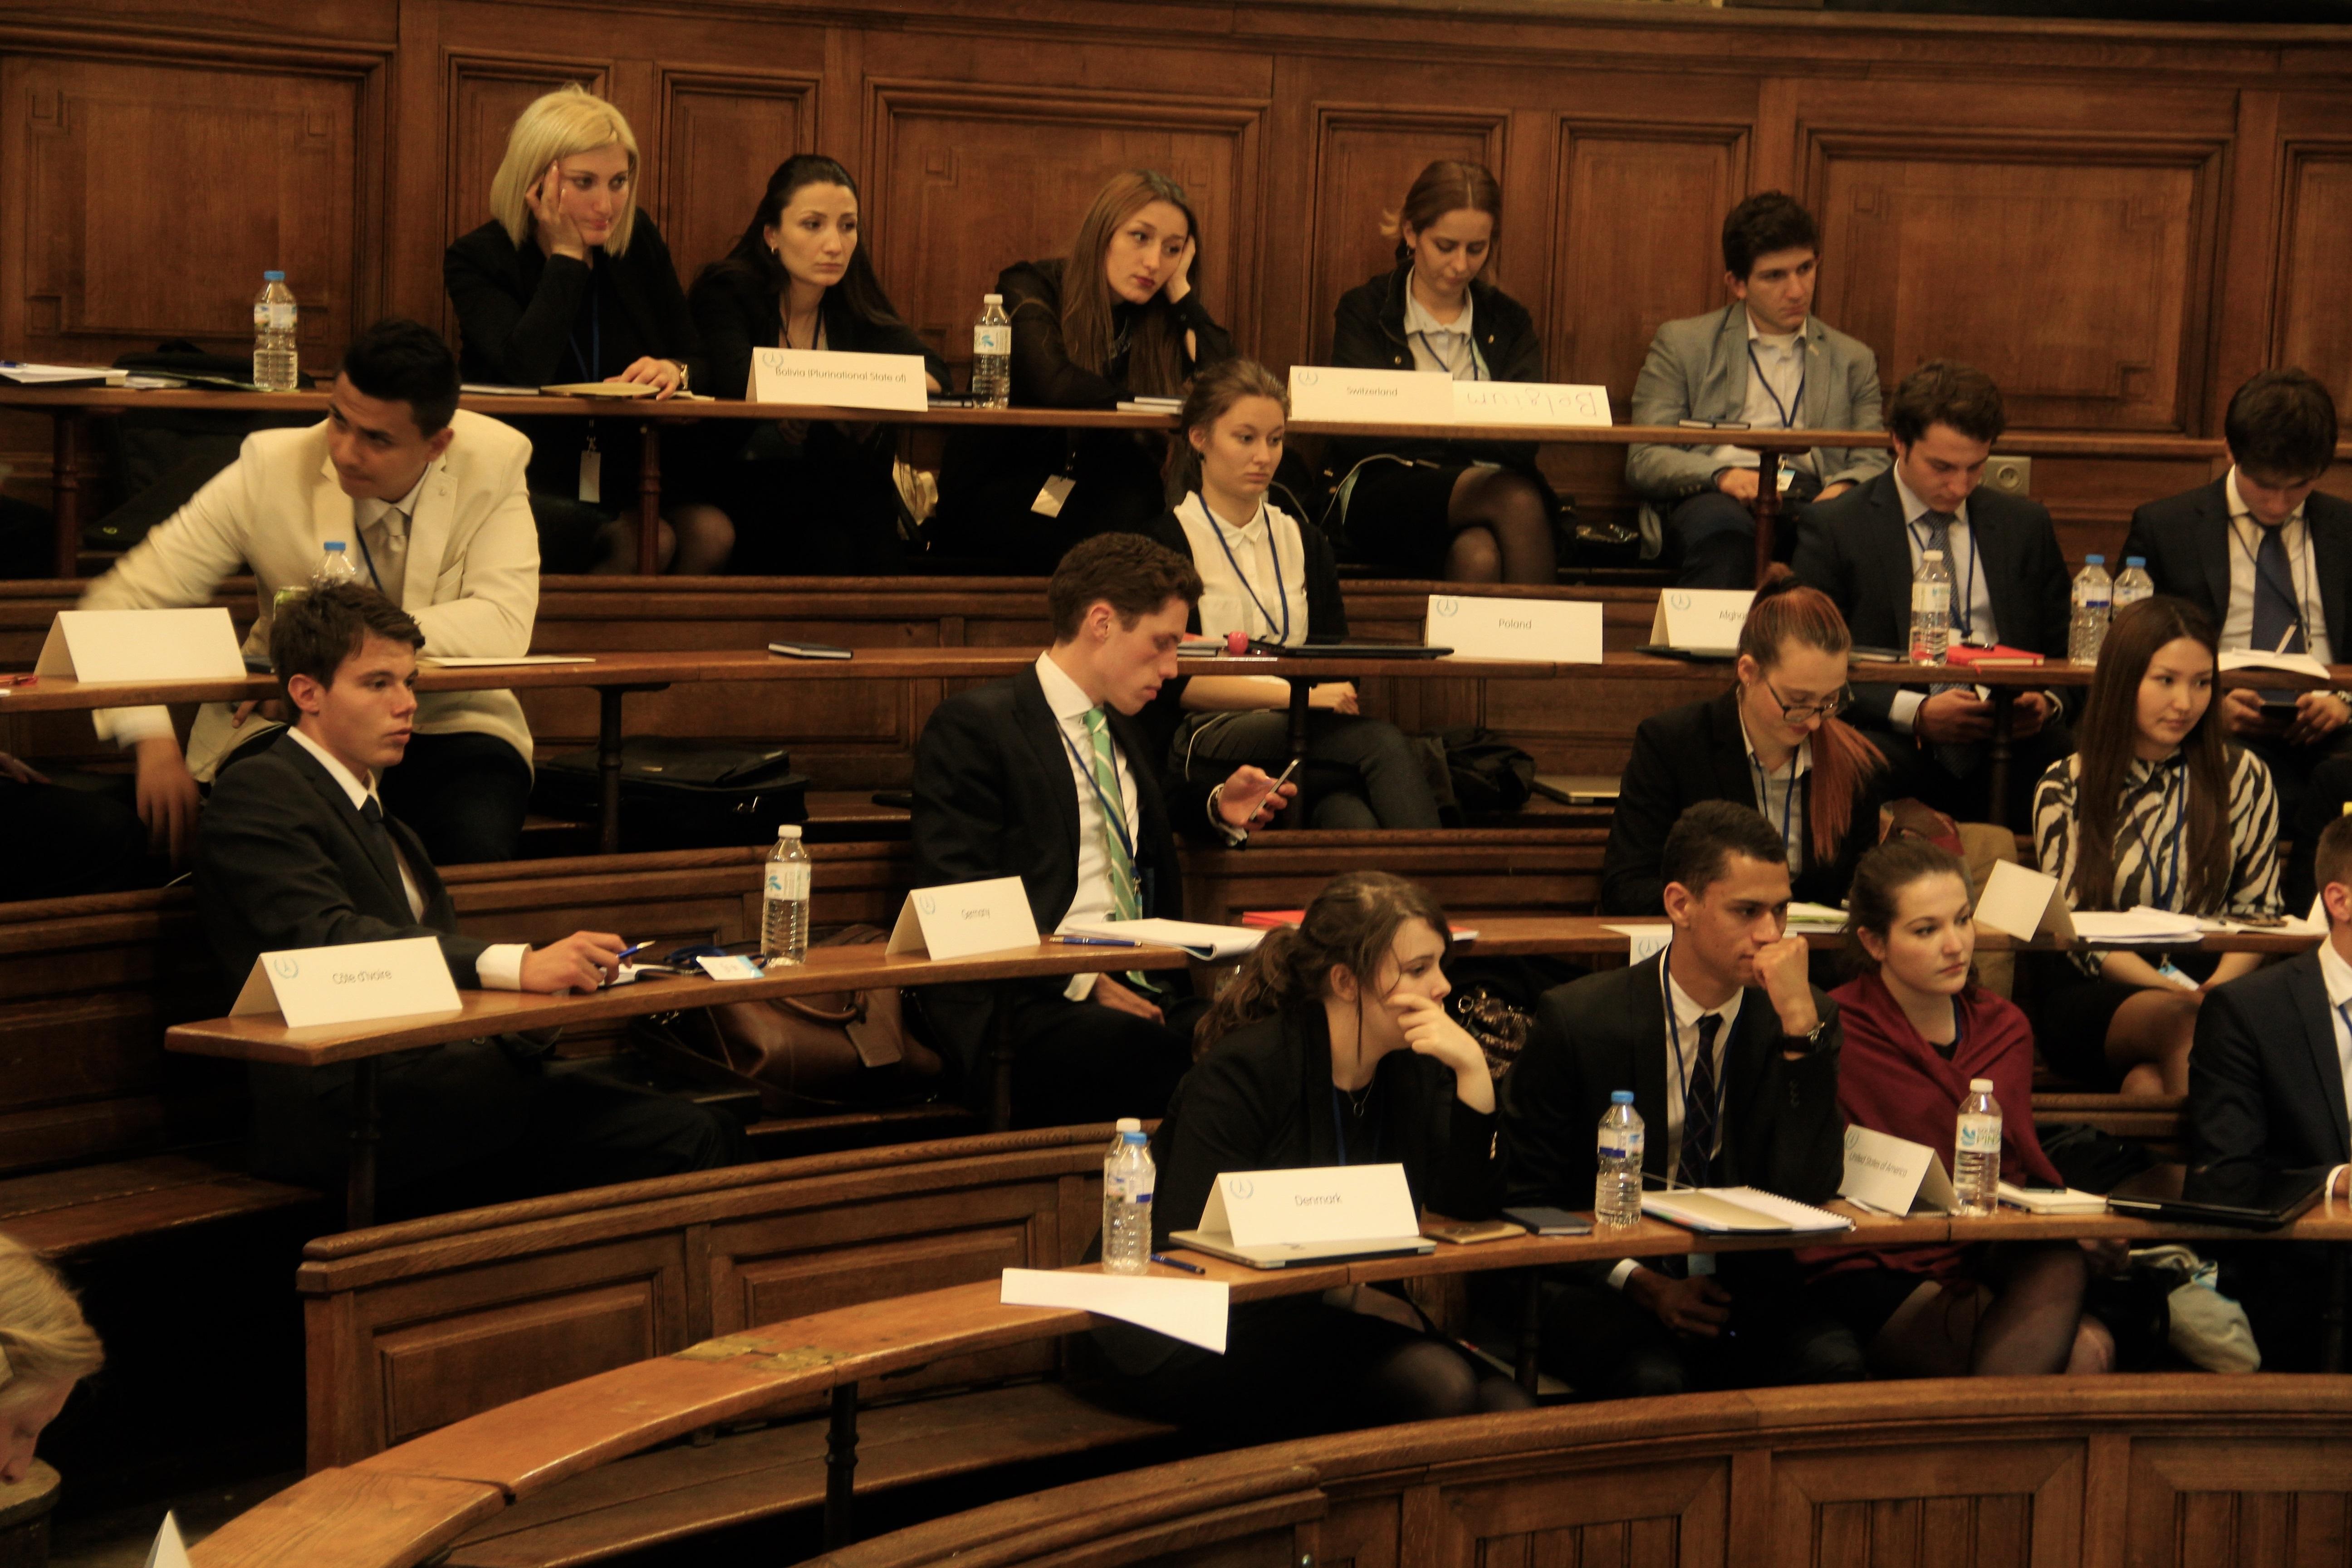 Les délégués commencent à fatiguer à l'ECOFIN en fin de journée. - Crédit Lisa Hugouvieux